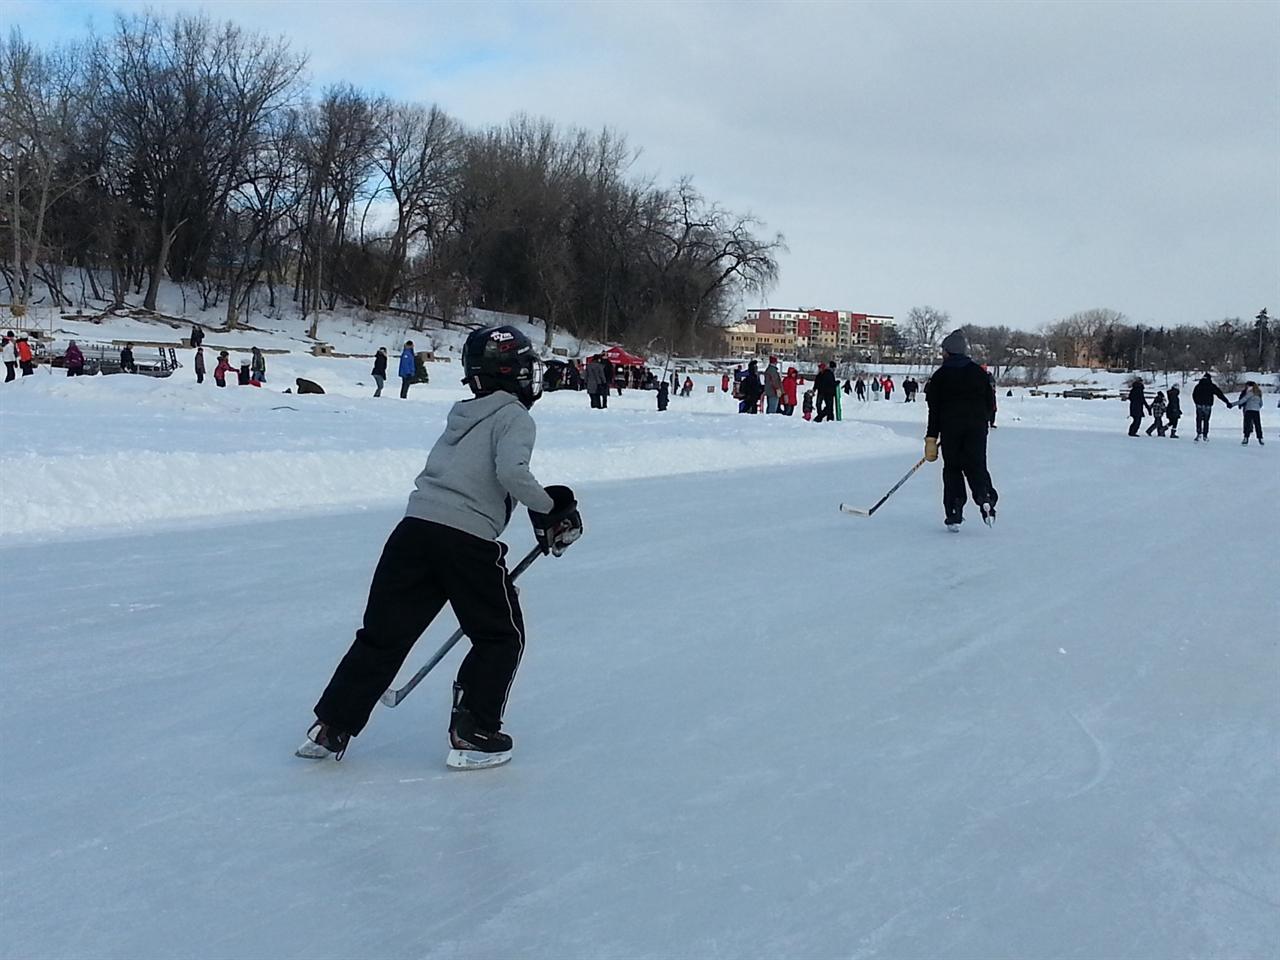 길이 1.5km에 달하는 위니펙 레드리버 스케이트장, 시민들에게 무료 개방돼 하루 평균 5000여 명이 이용한다.